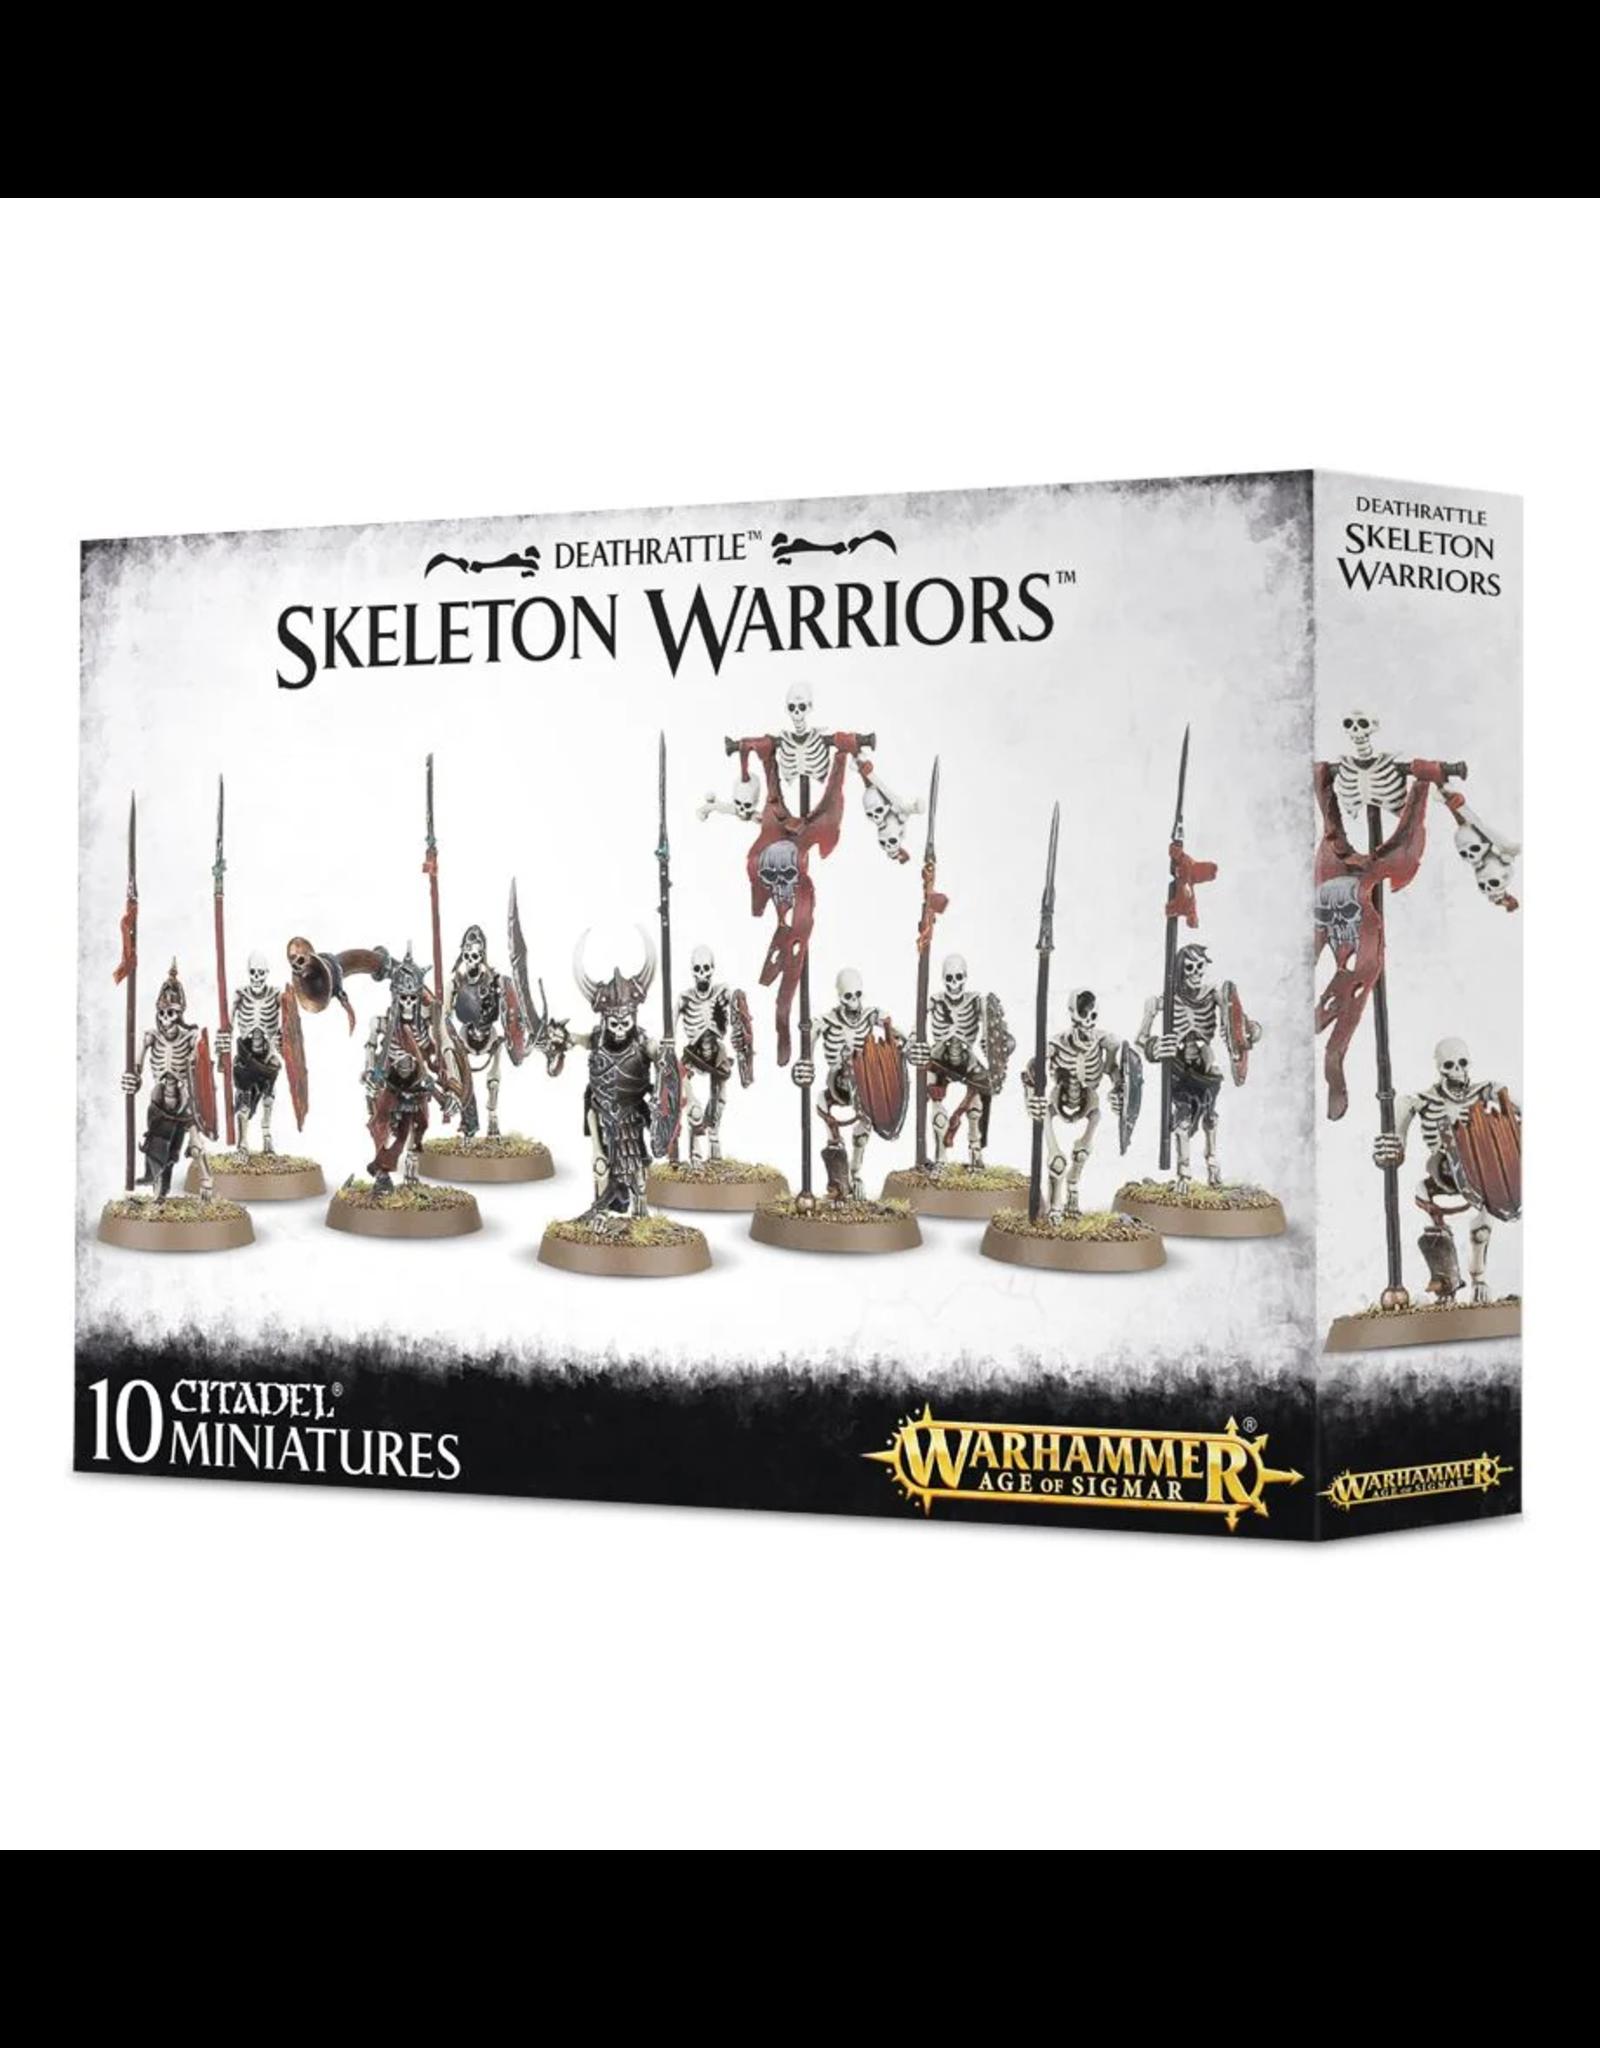 GAMES WORKSHOP WARHAMMER AGE OF SIGMAR - DEATHRATTLE SKELETON WARRIORS